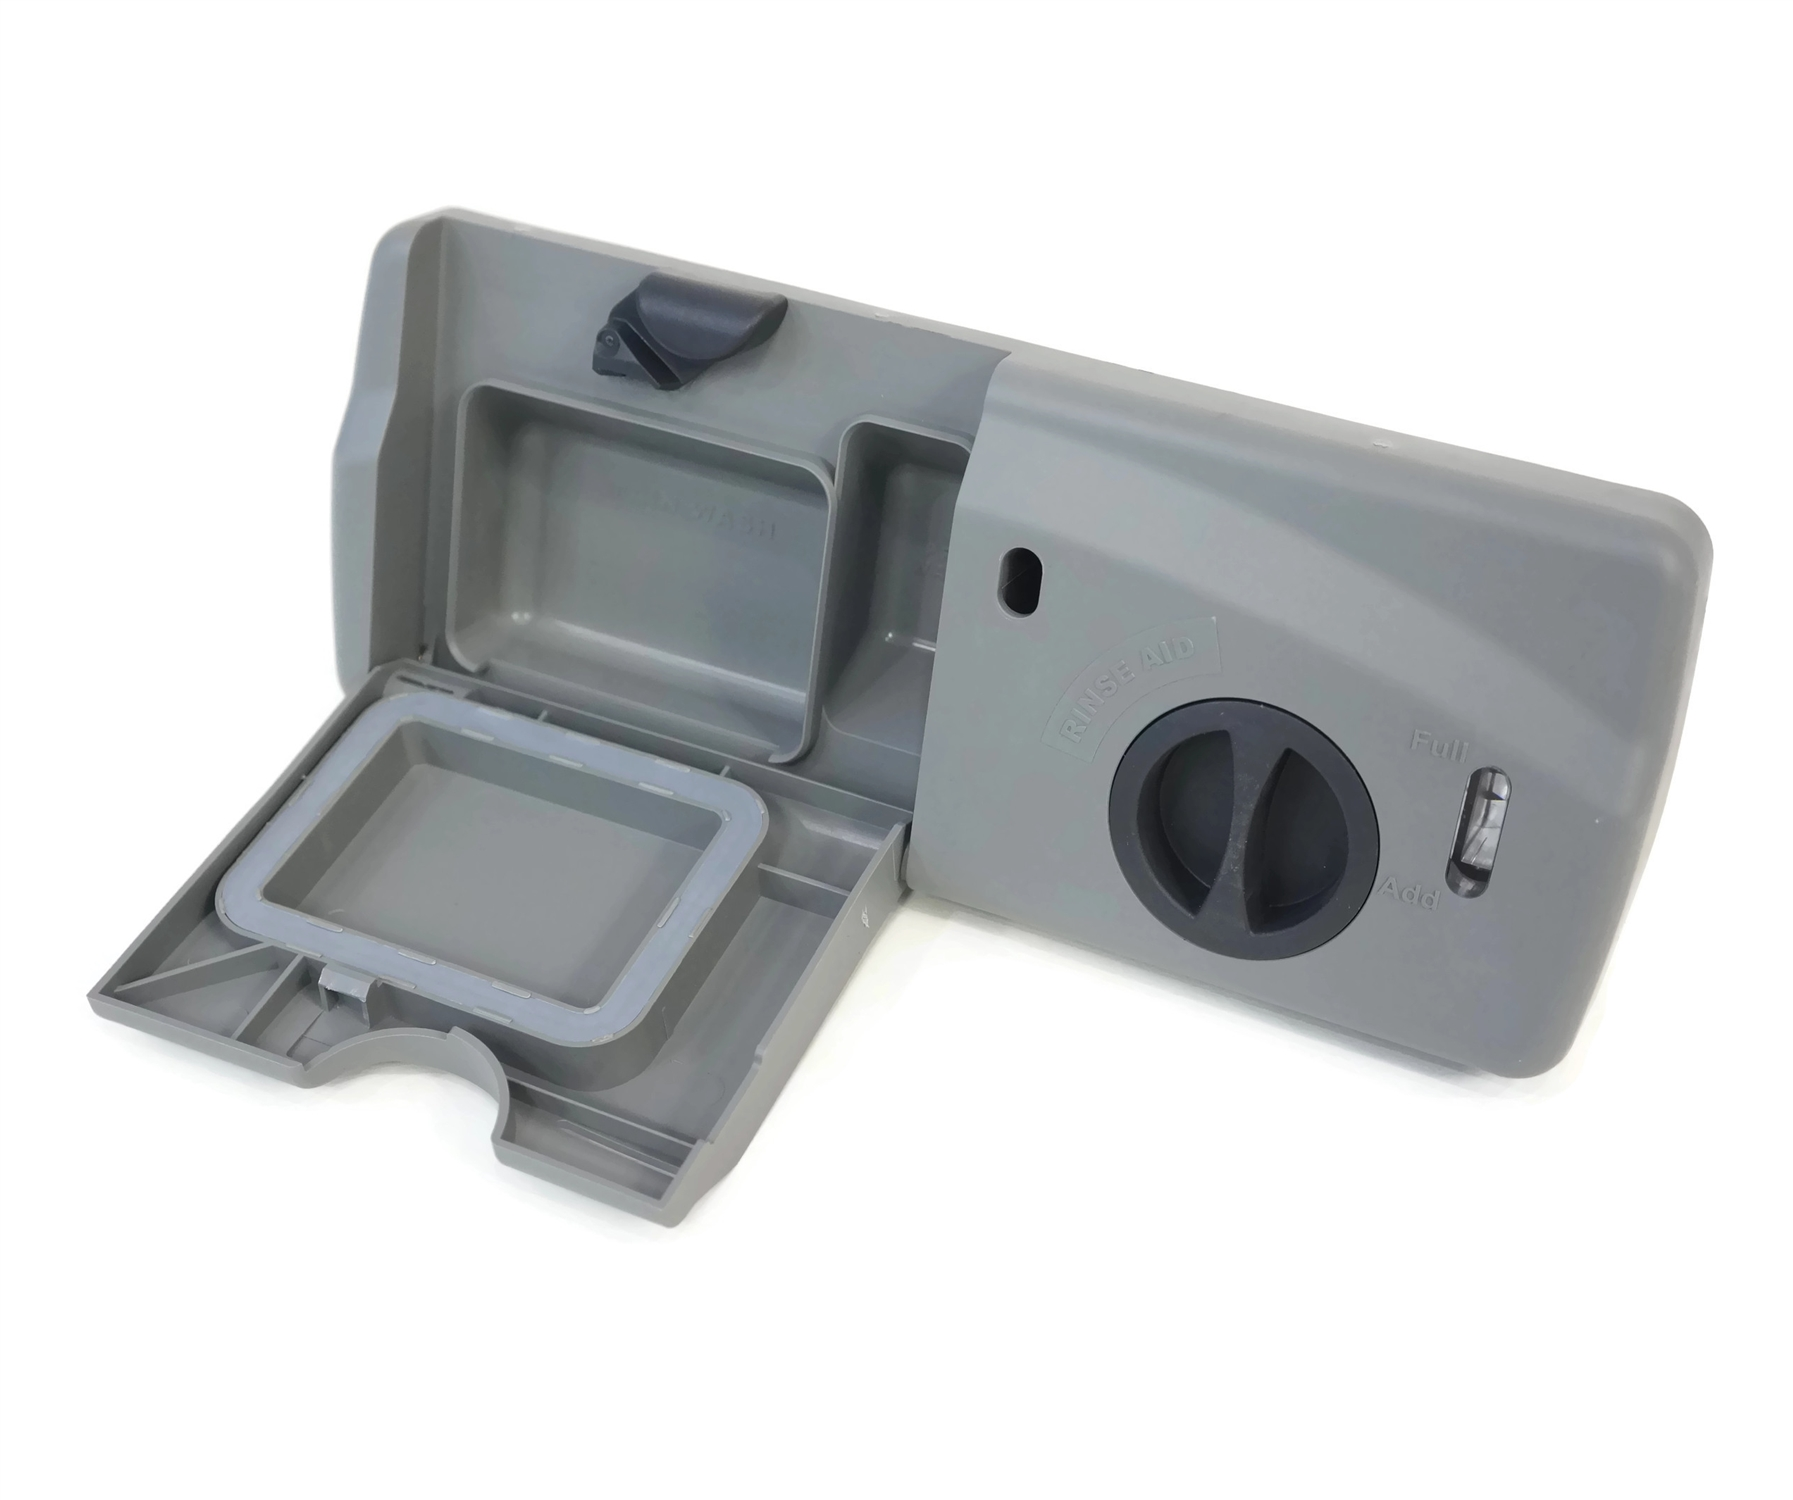 Frigidaire 5304507354 Dishwasher Detergent Dispenser on